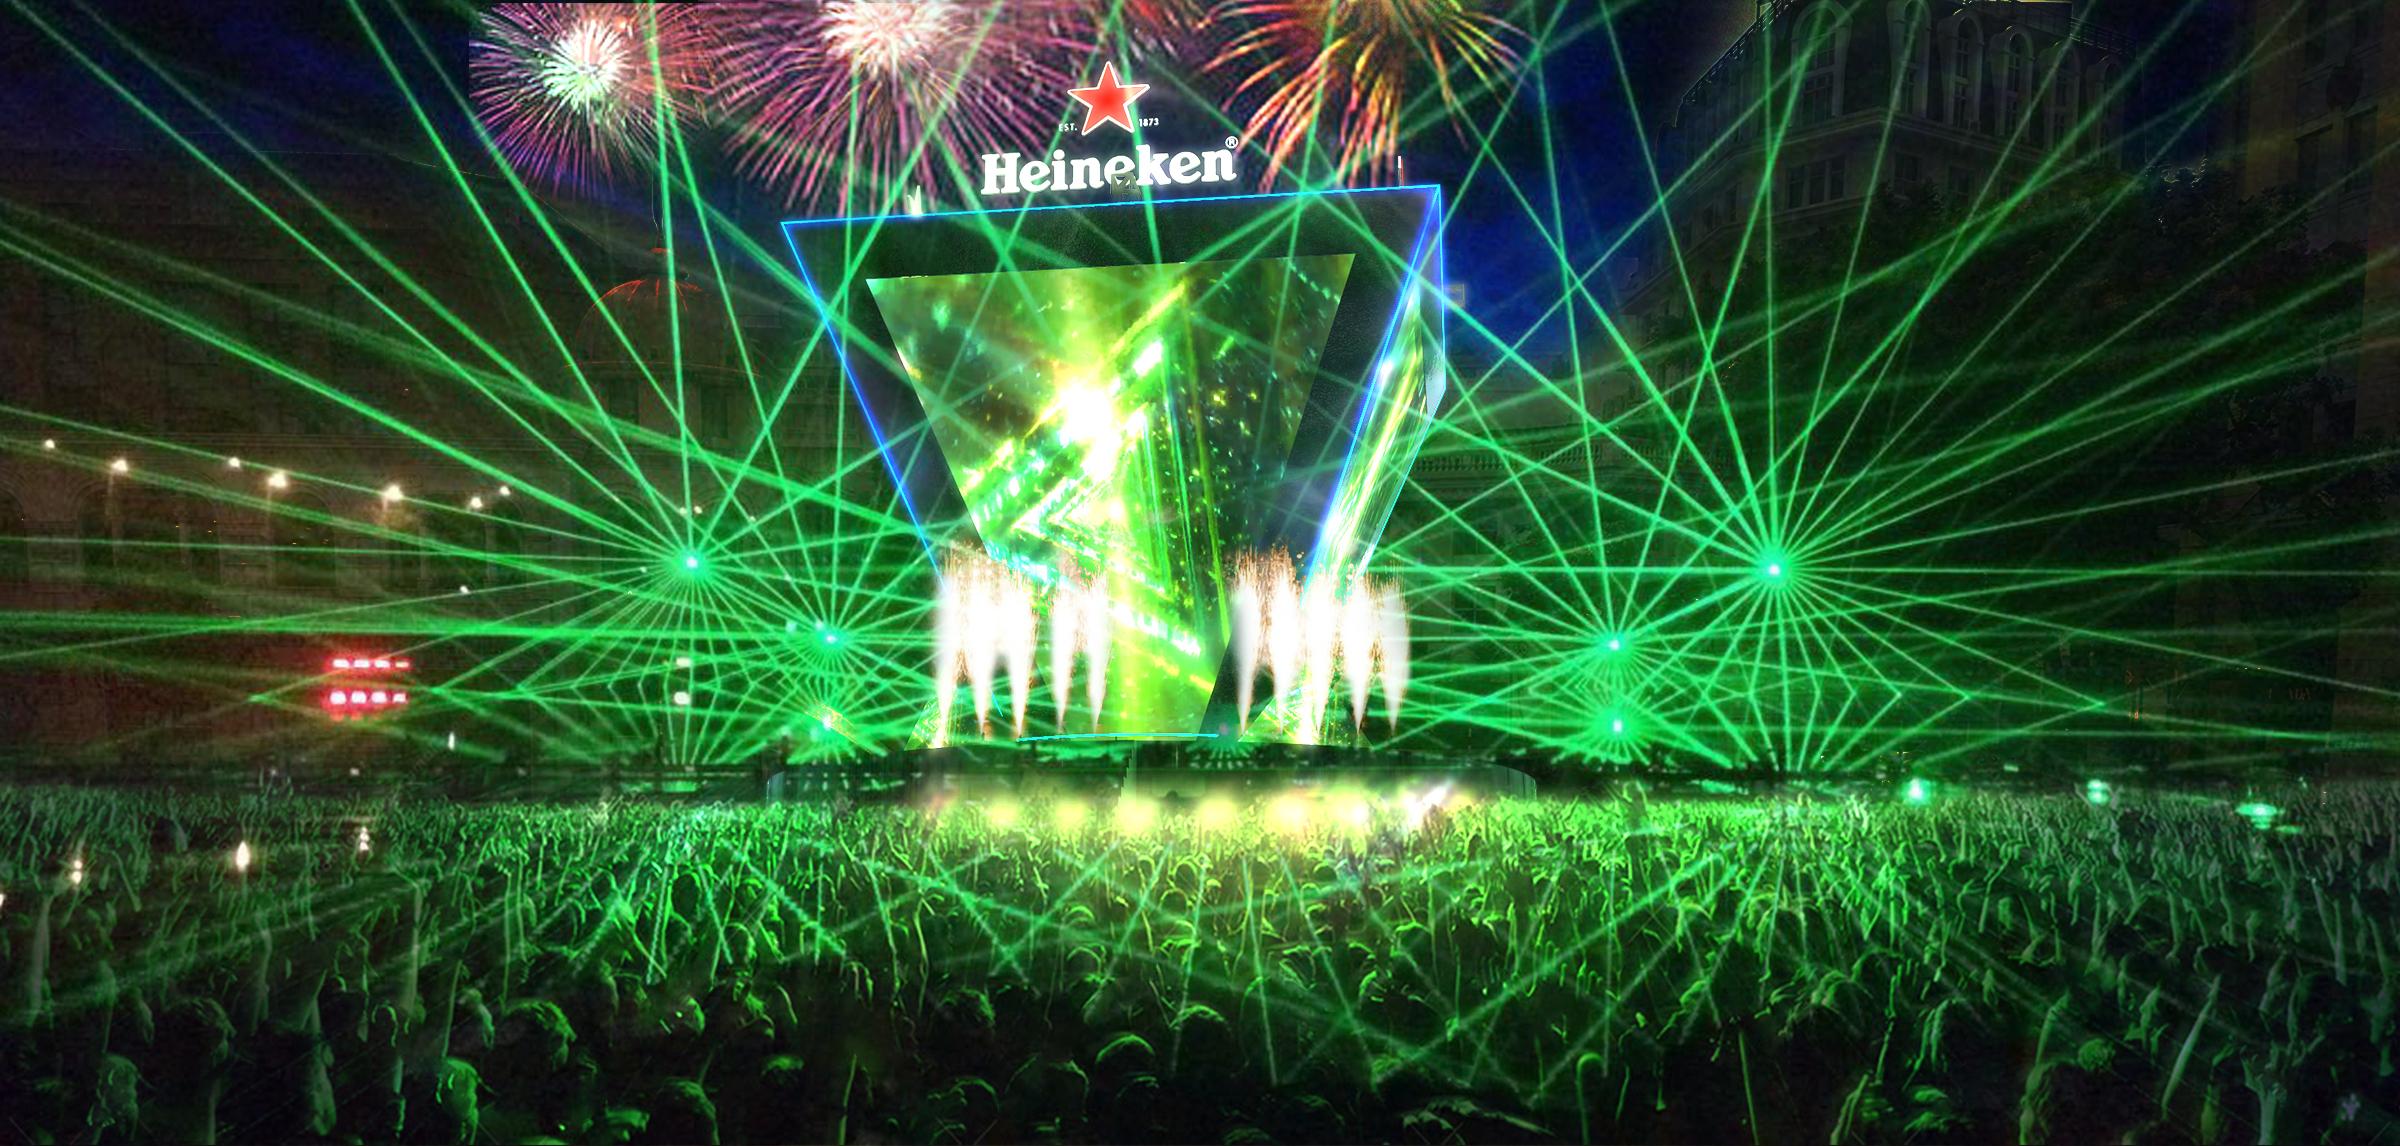 Đại tiệc âm nhạc Heineken Countdowndiễn ra ở đâu? 1